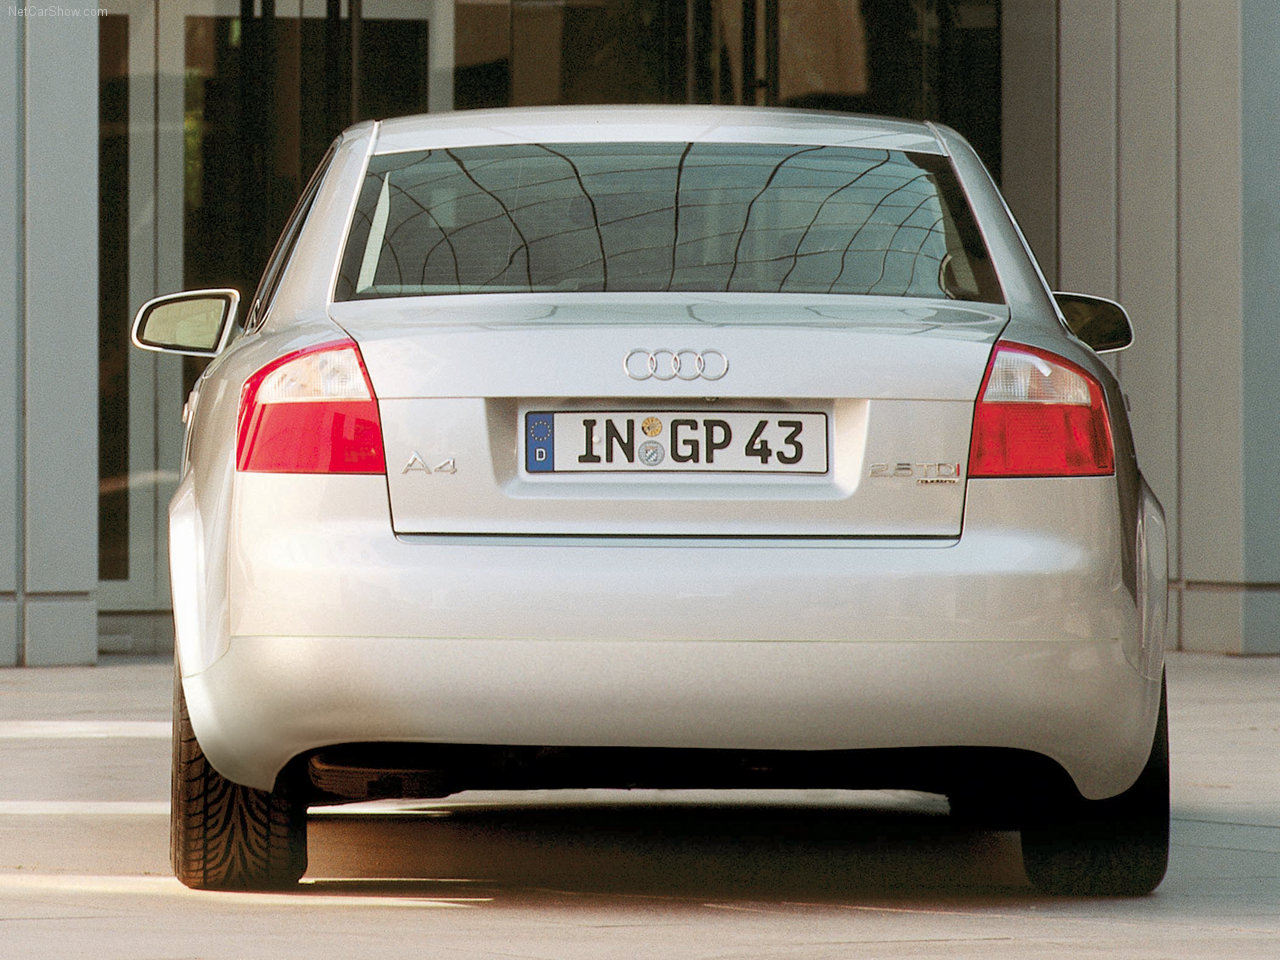 Audi A4 2002 Audi-A4-2002-1280-12